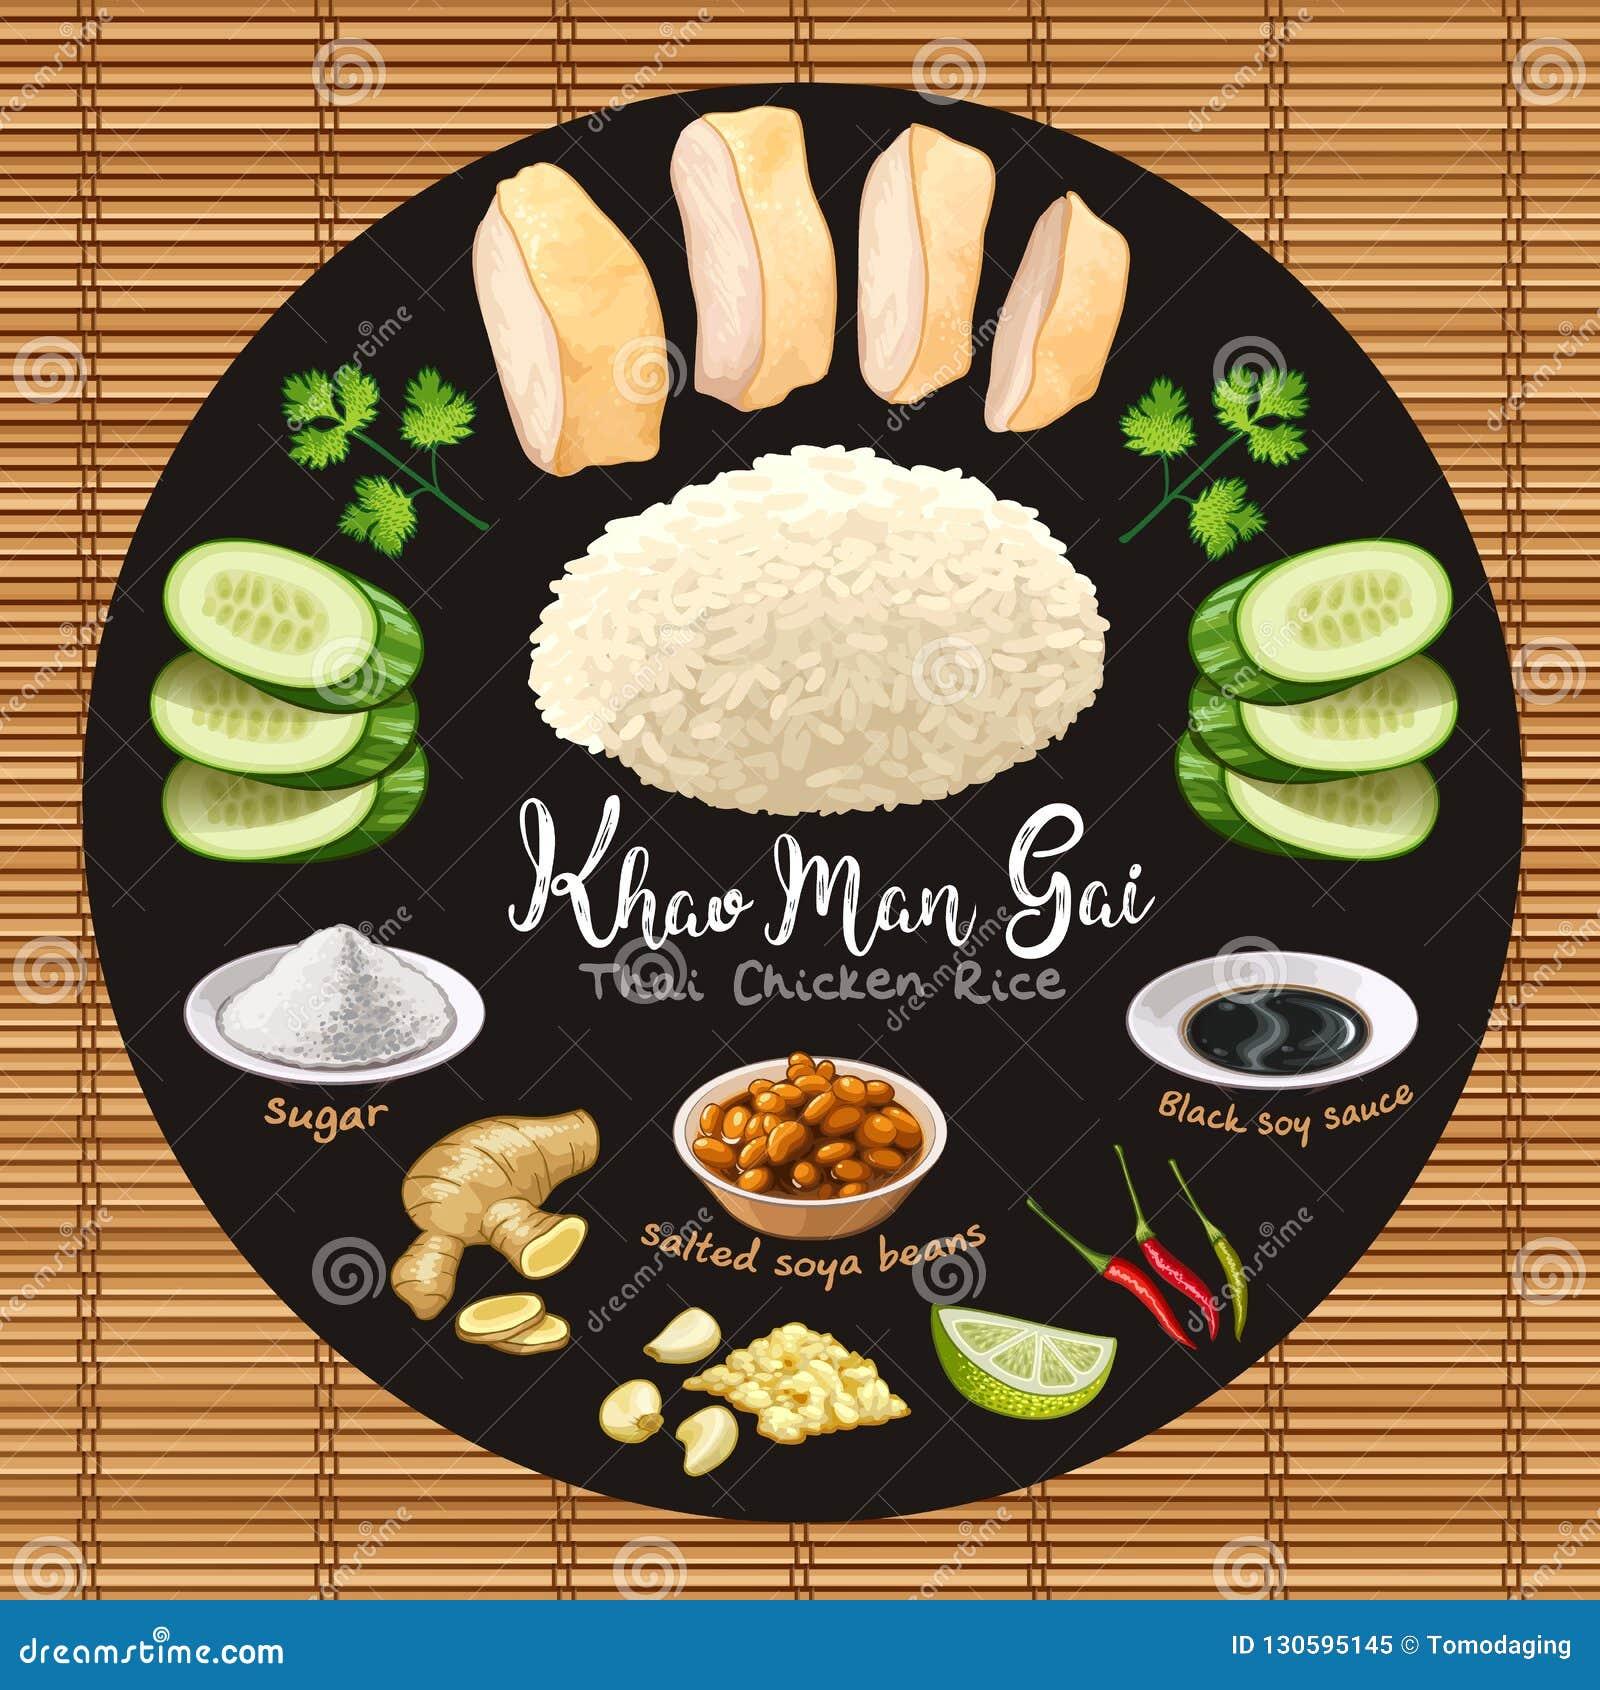 Khao mężczyzny gai kurczaka tajlandzcy stylowi ryż z składnikami